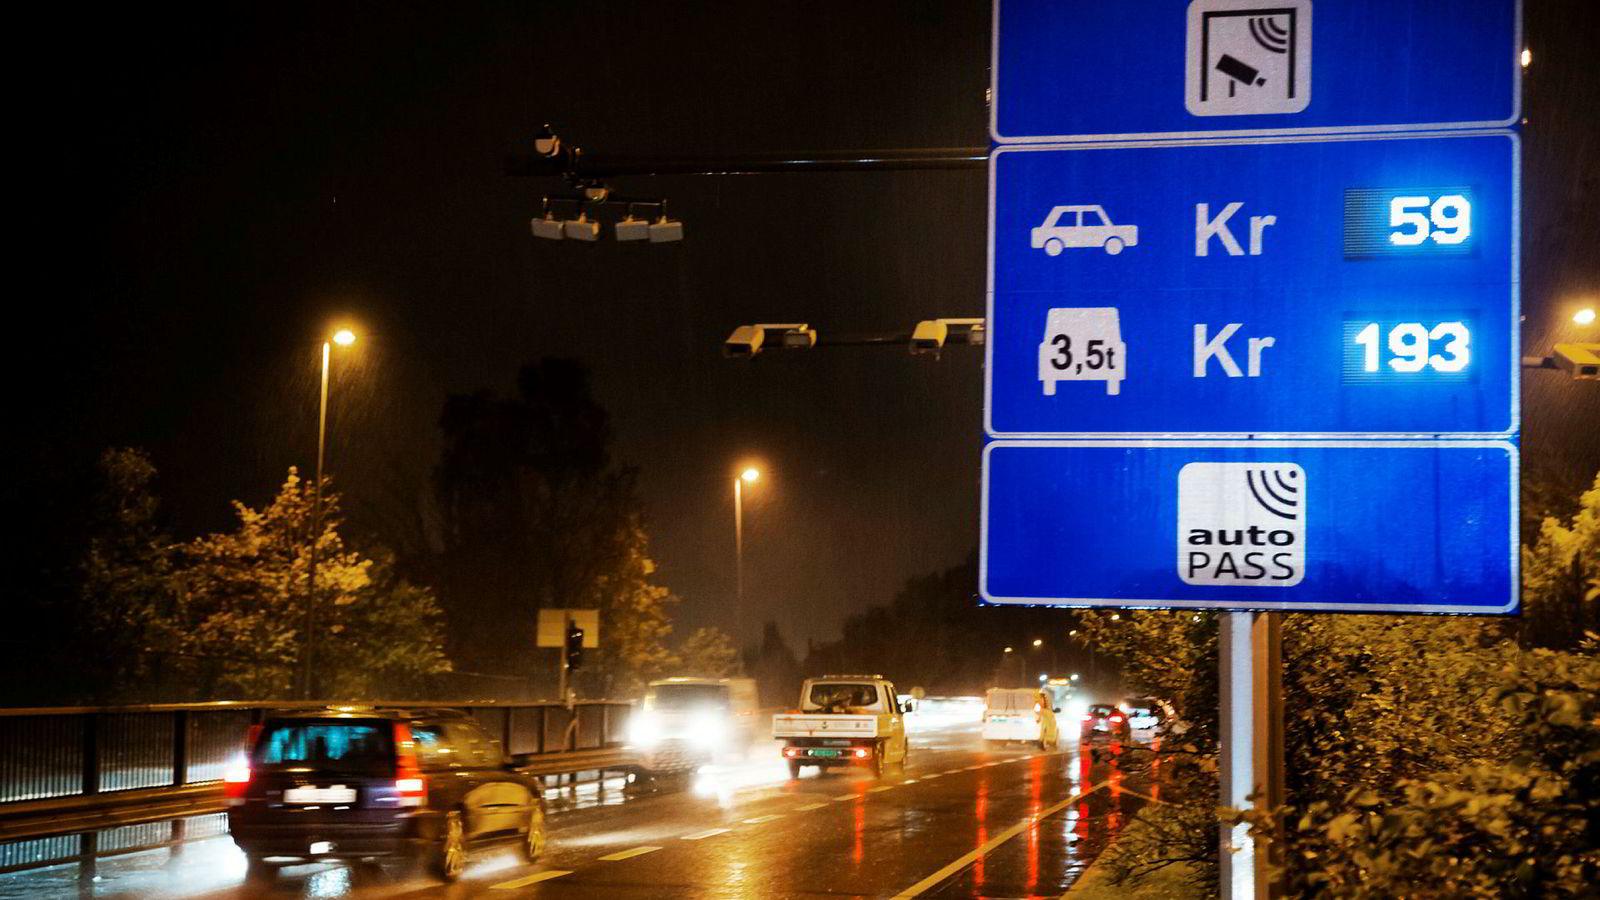 I 2017 ble takstene i bomringen rundt Oslo hevet. Dersom man skraper bomringene og innfører veiprising, må det fortsatt være dyrt å kjøre i de store byene i rushtiden.